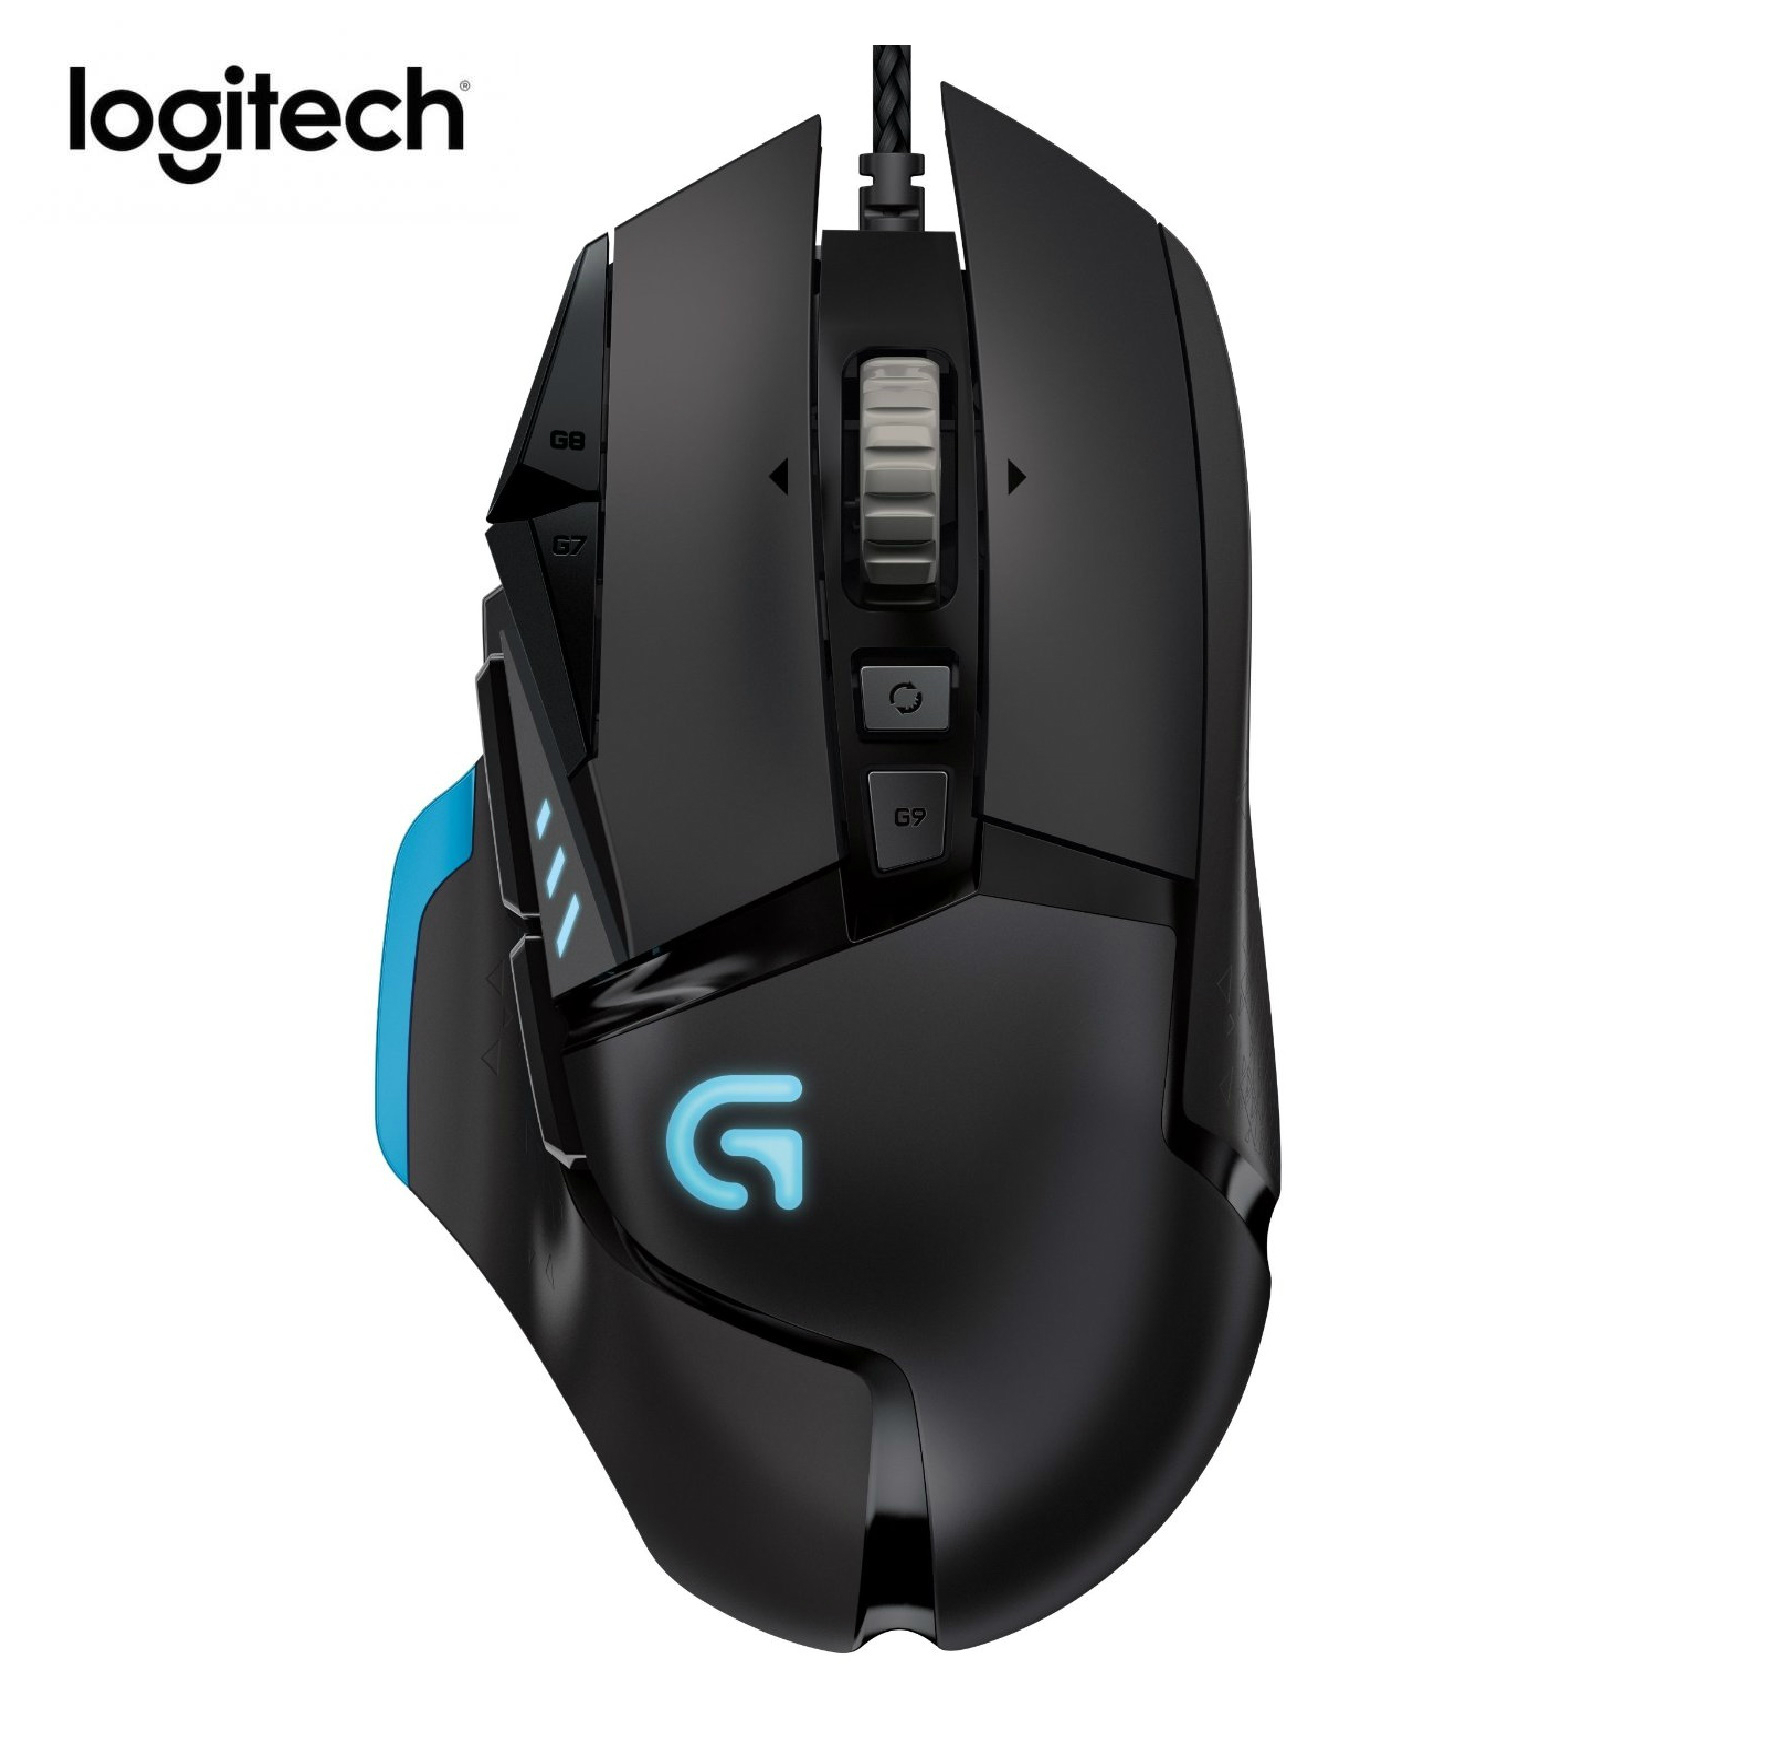 Aliexpress kup Logitech Mysz Do Gier PC Gamer G502 RGB DPI Spersonalizowane Waga 11 Programowalne Przyciski od zaufanych dostawc³w programmable